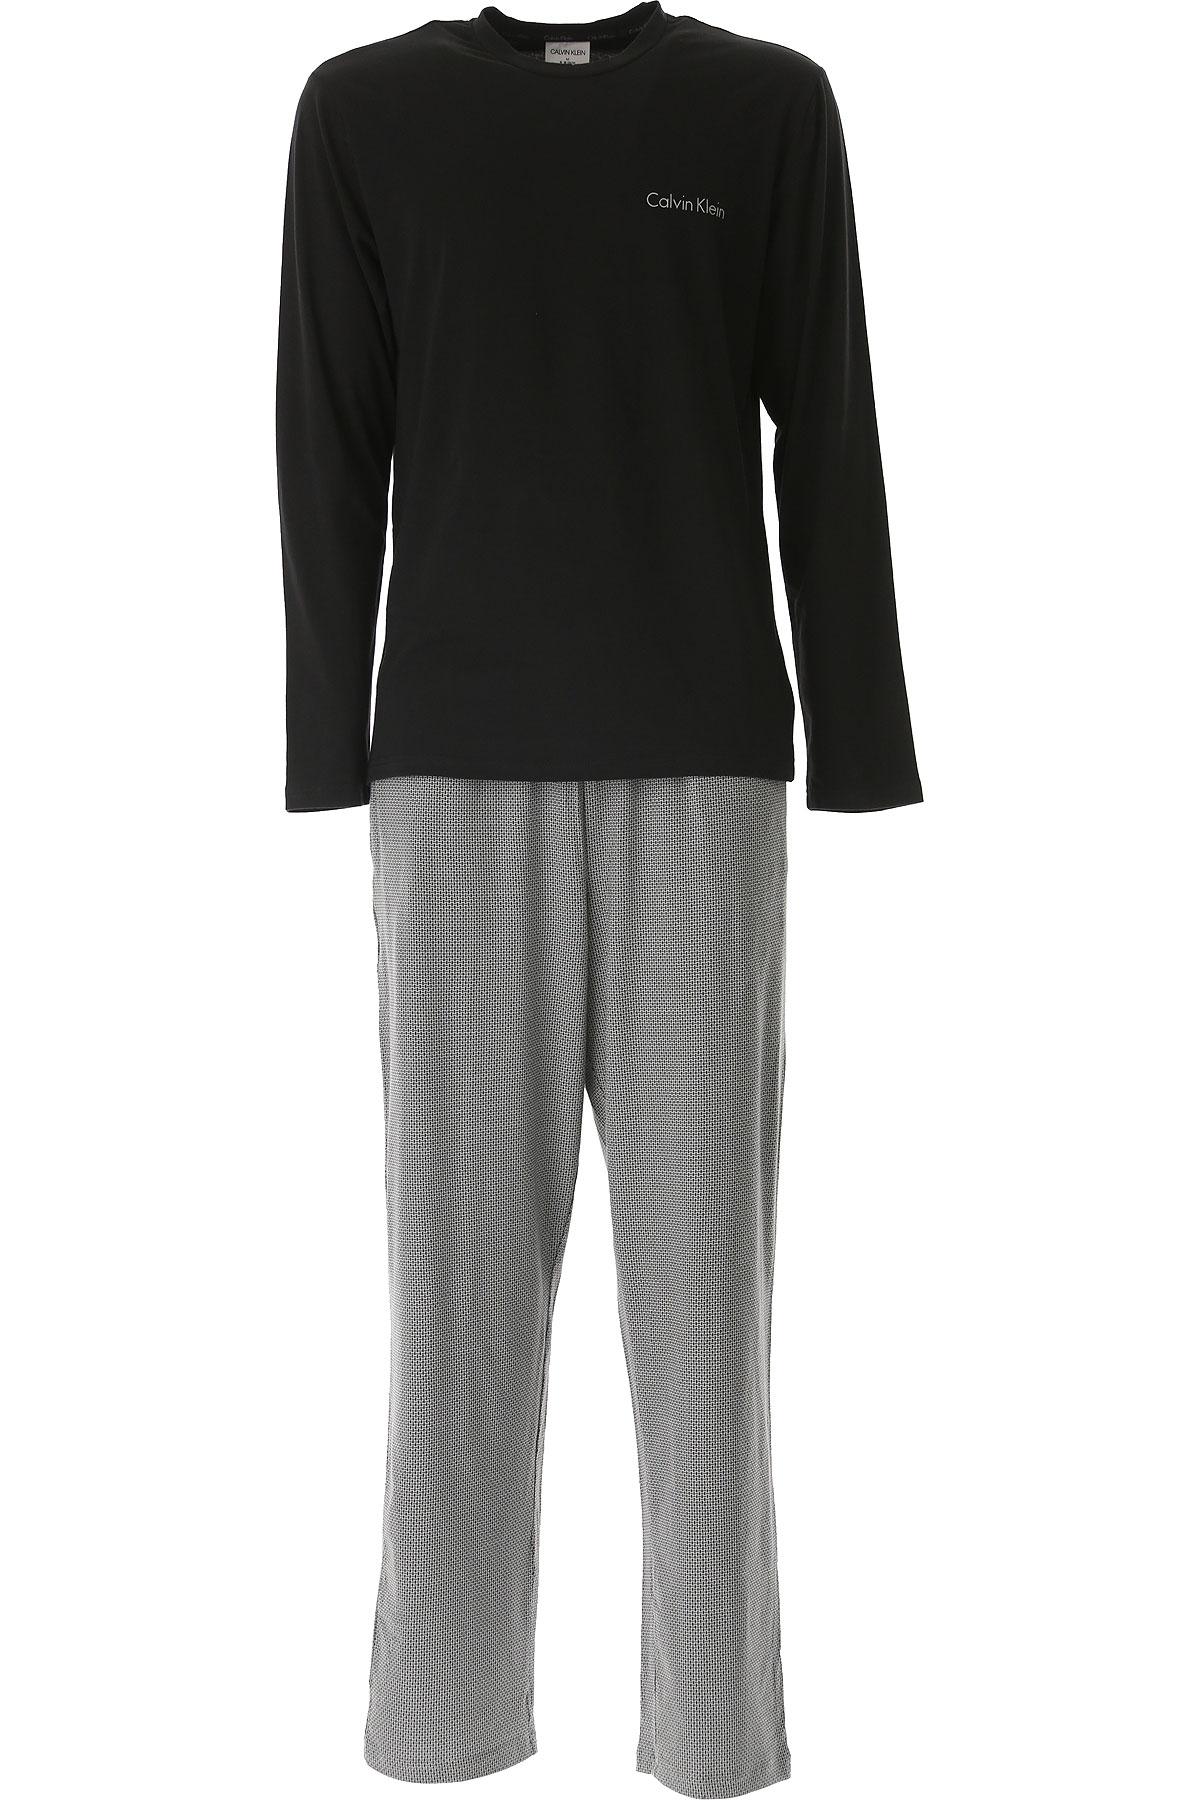 Calvin Klein Sous-VÊTEMENTS Homme Pas Cher En Soldes, Noir, Coton, 2019, L (EU 5) XL (EU 6)